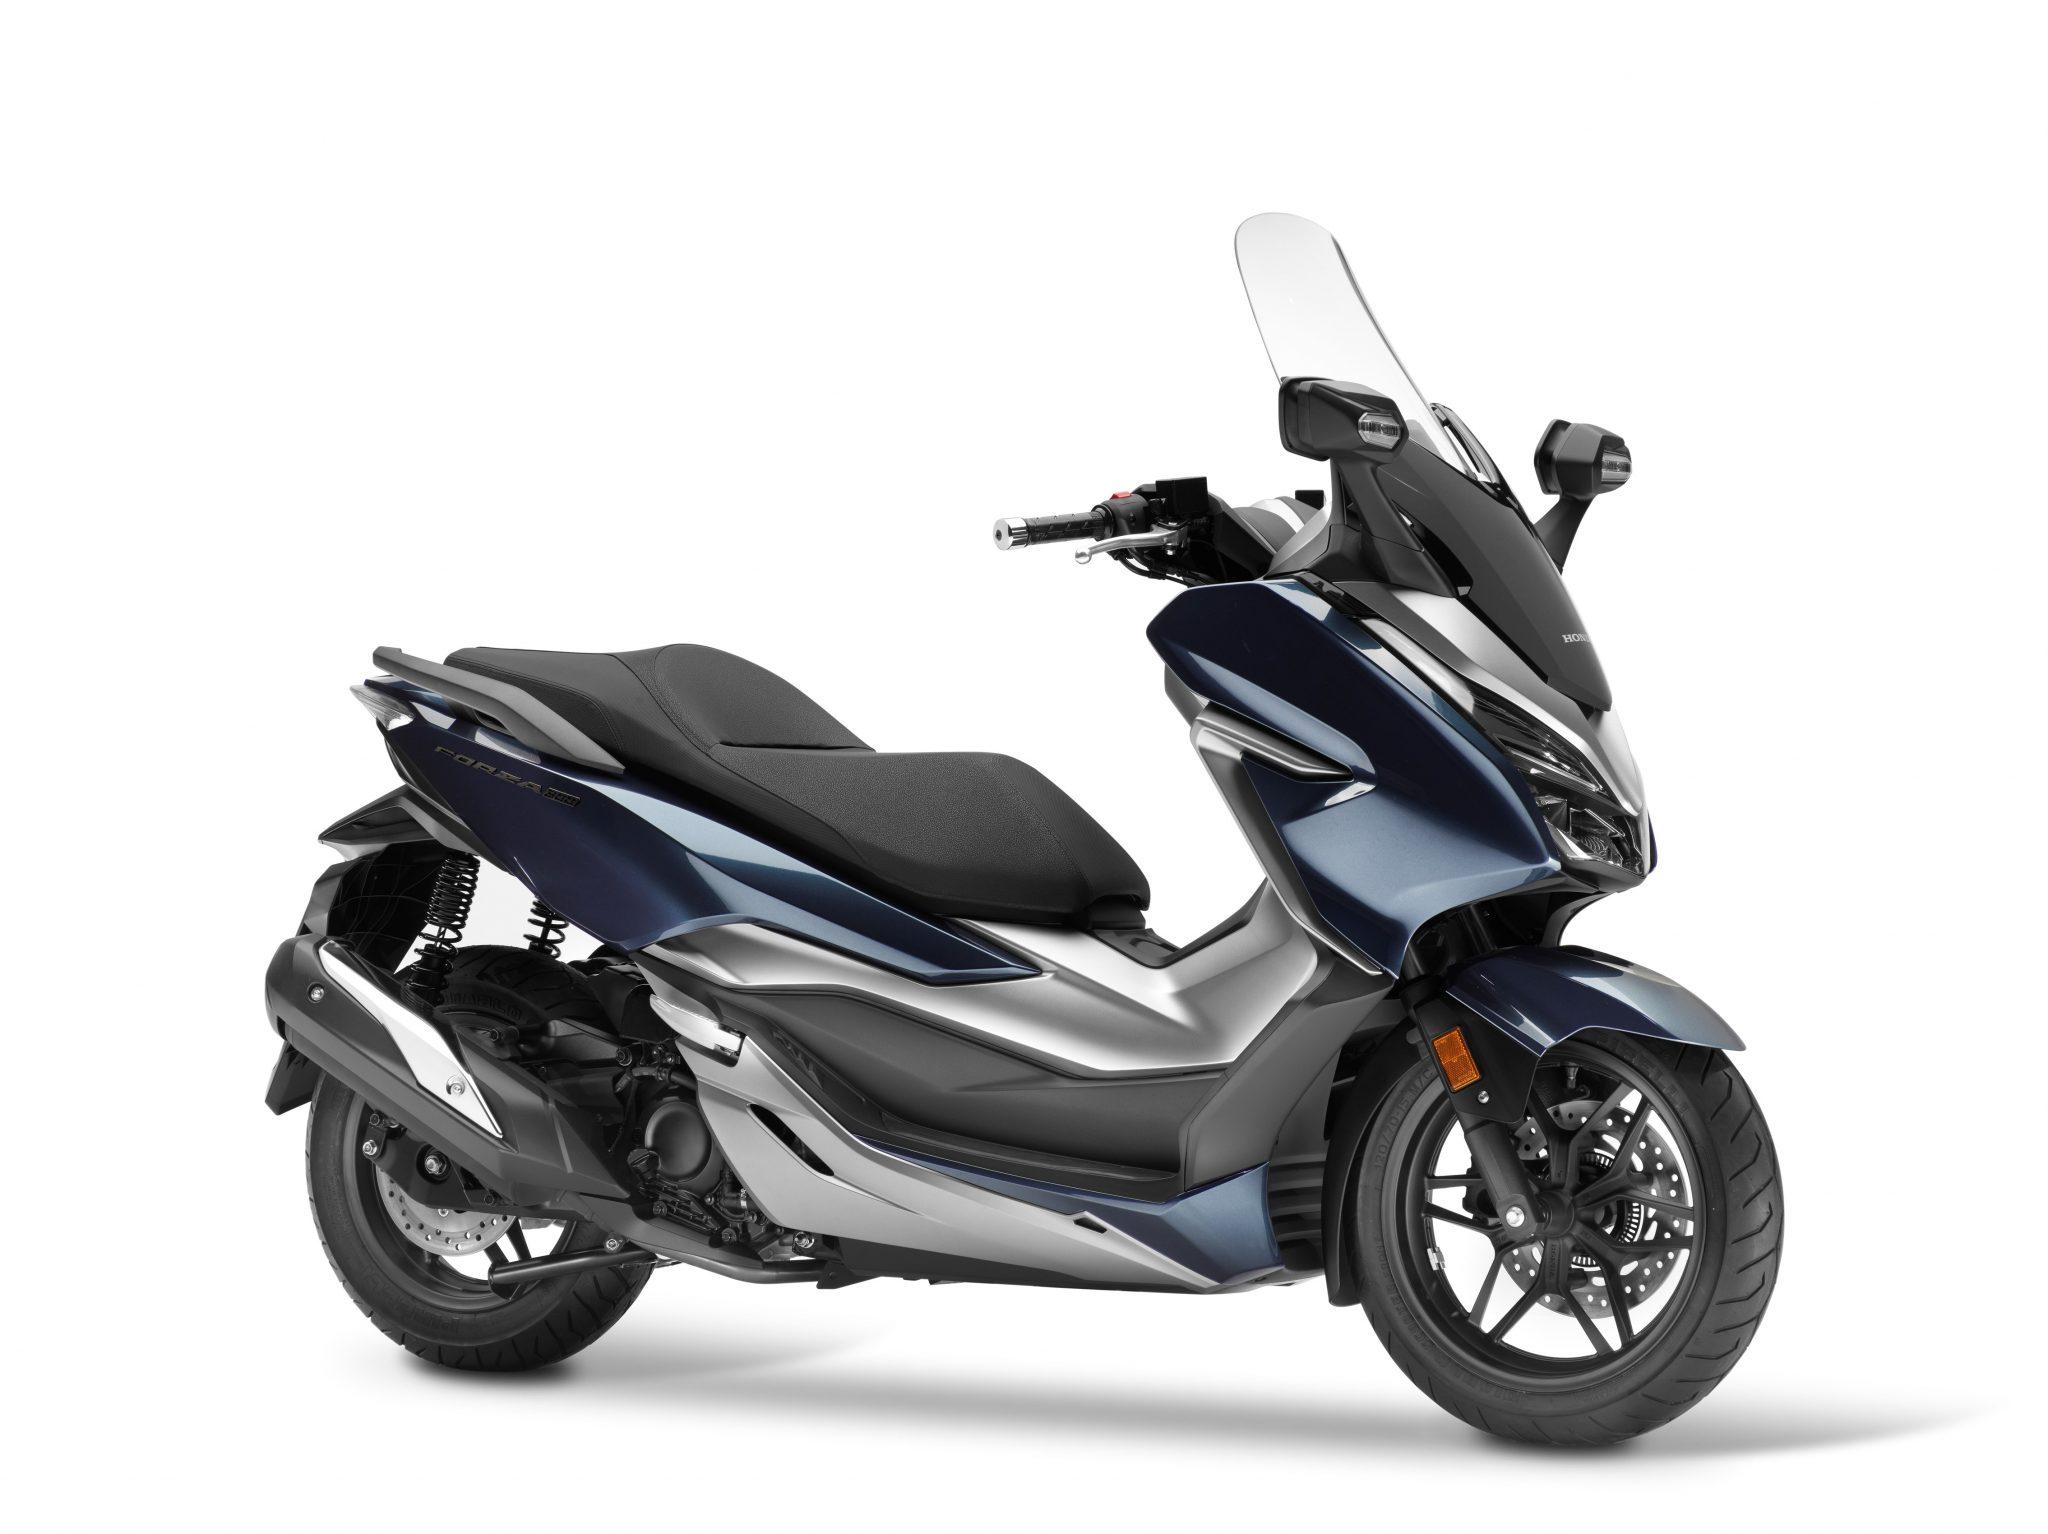 Honda Forza 300bei Auto Stahl Seitenansicht Blau Schwarz Silber